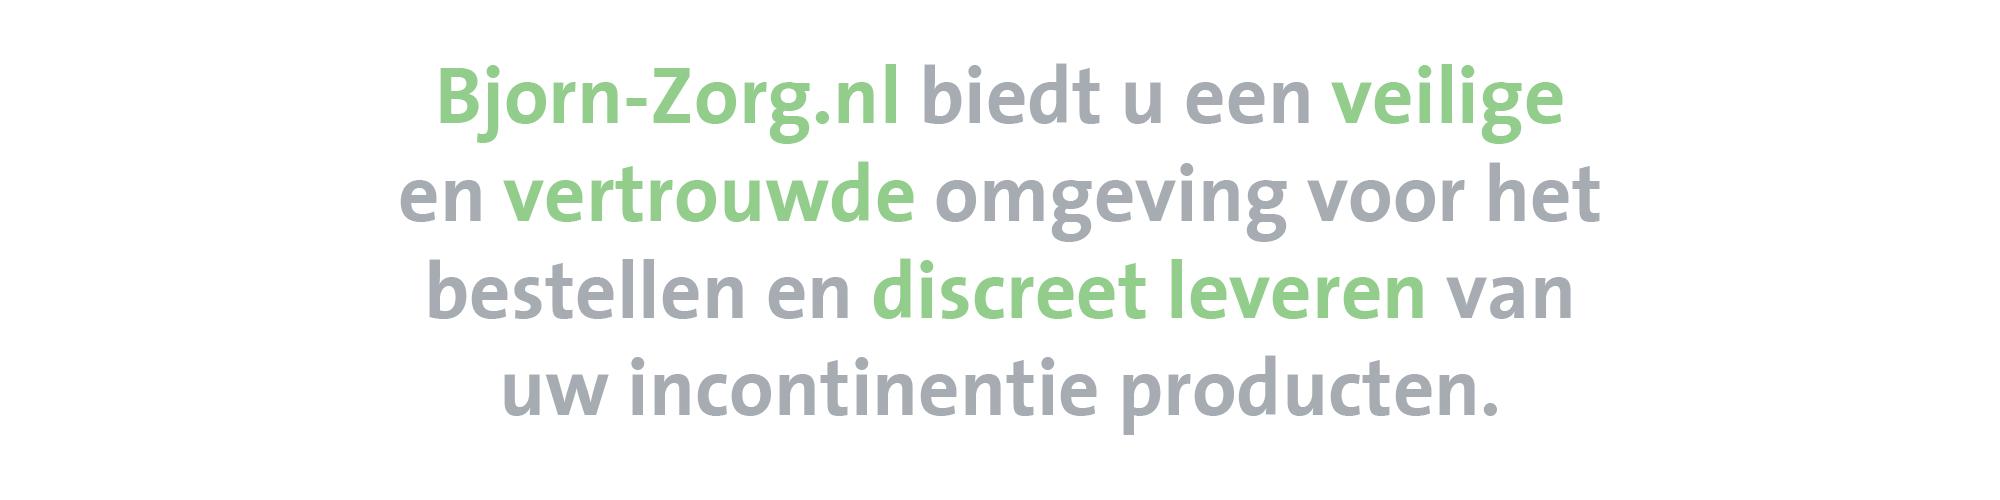 Bjorn-Zorg.nl - De nummer één webwinkel op het gebied van incontinentiematerialen! banner 2